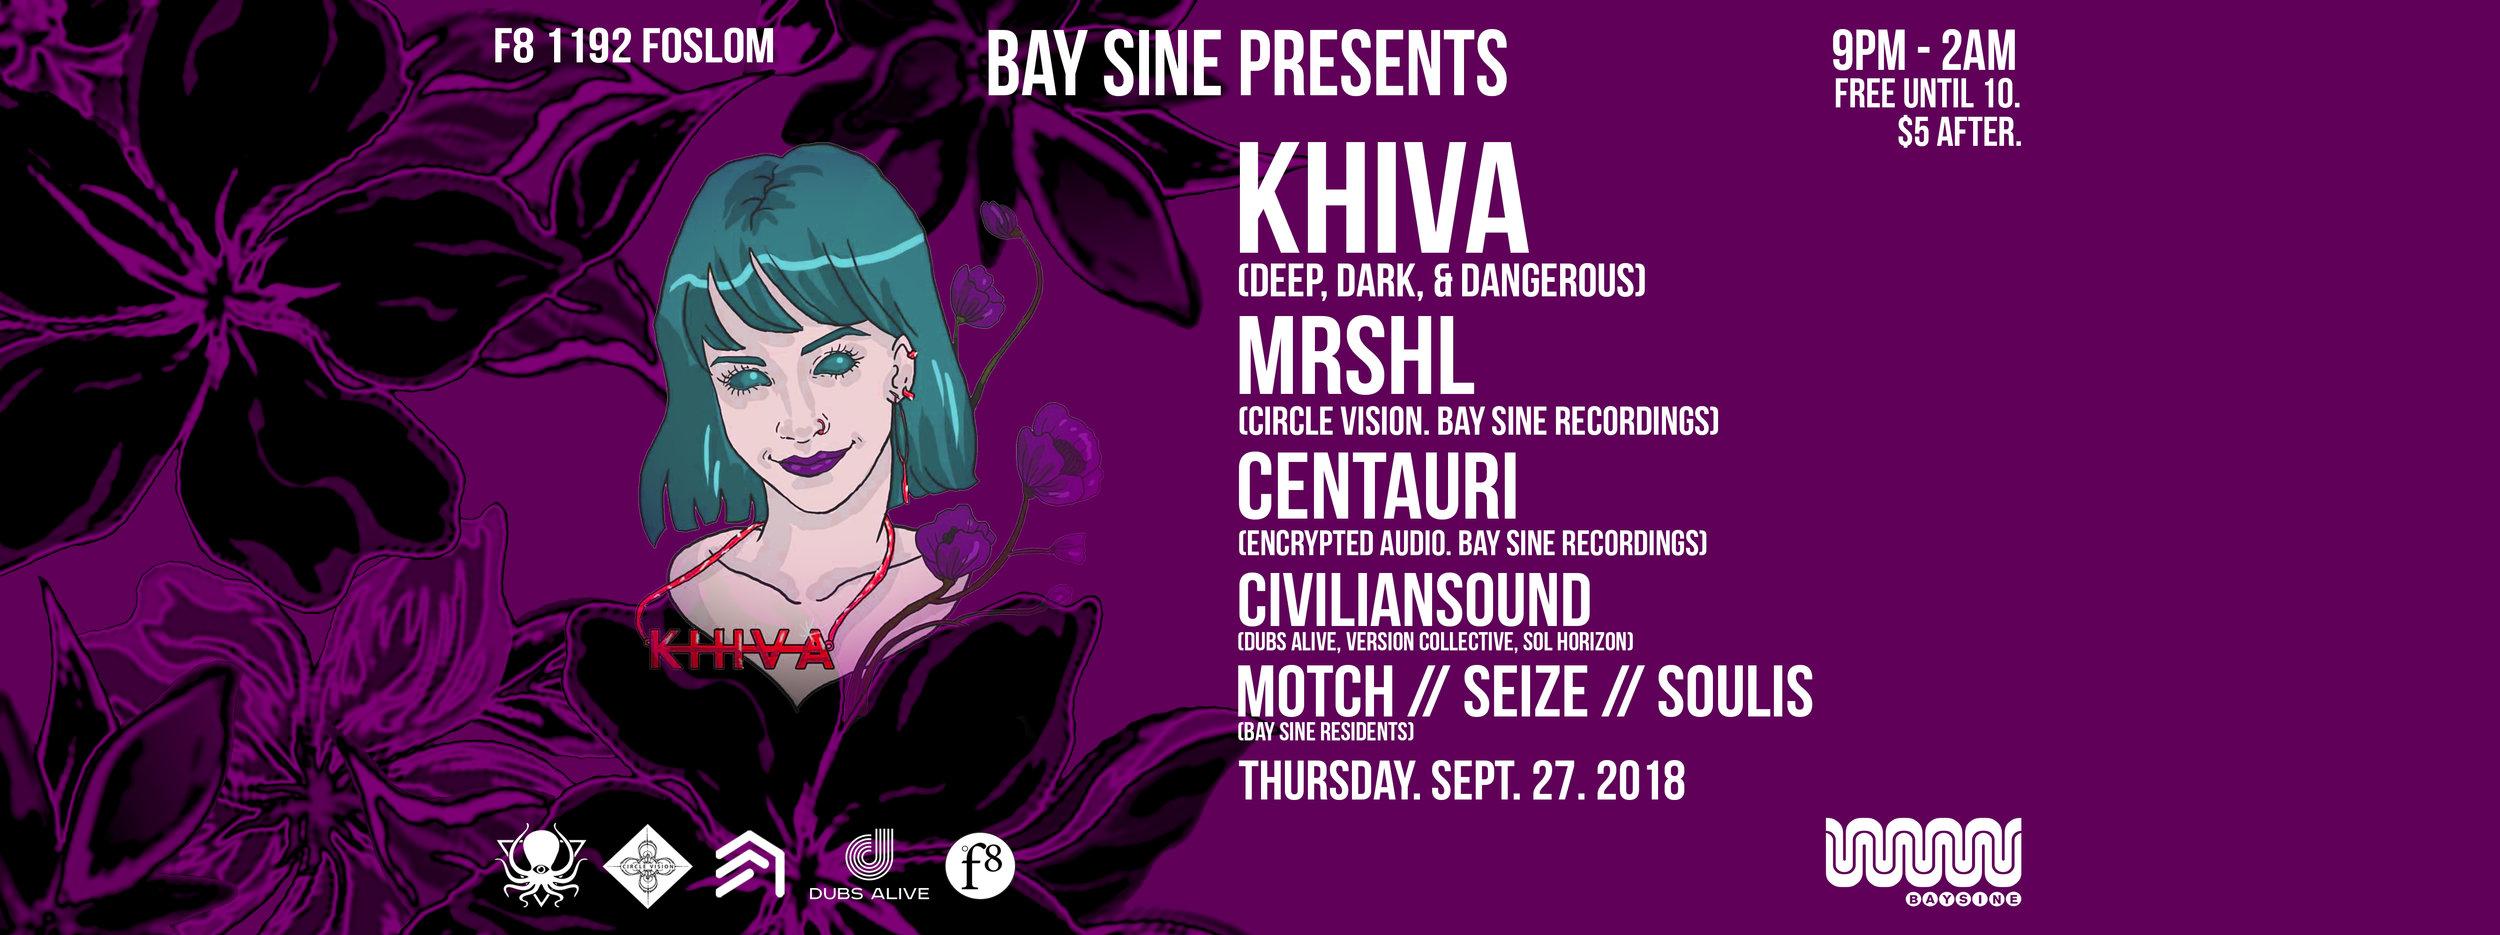 khiva event cover (light purple).jpg